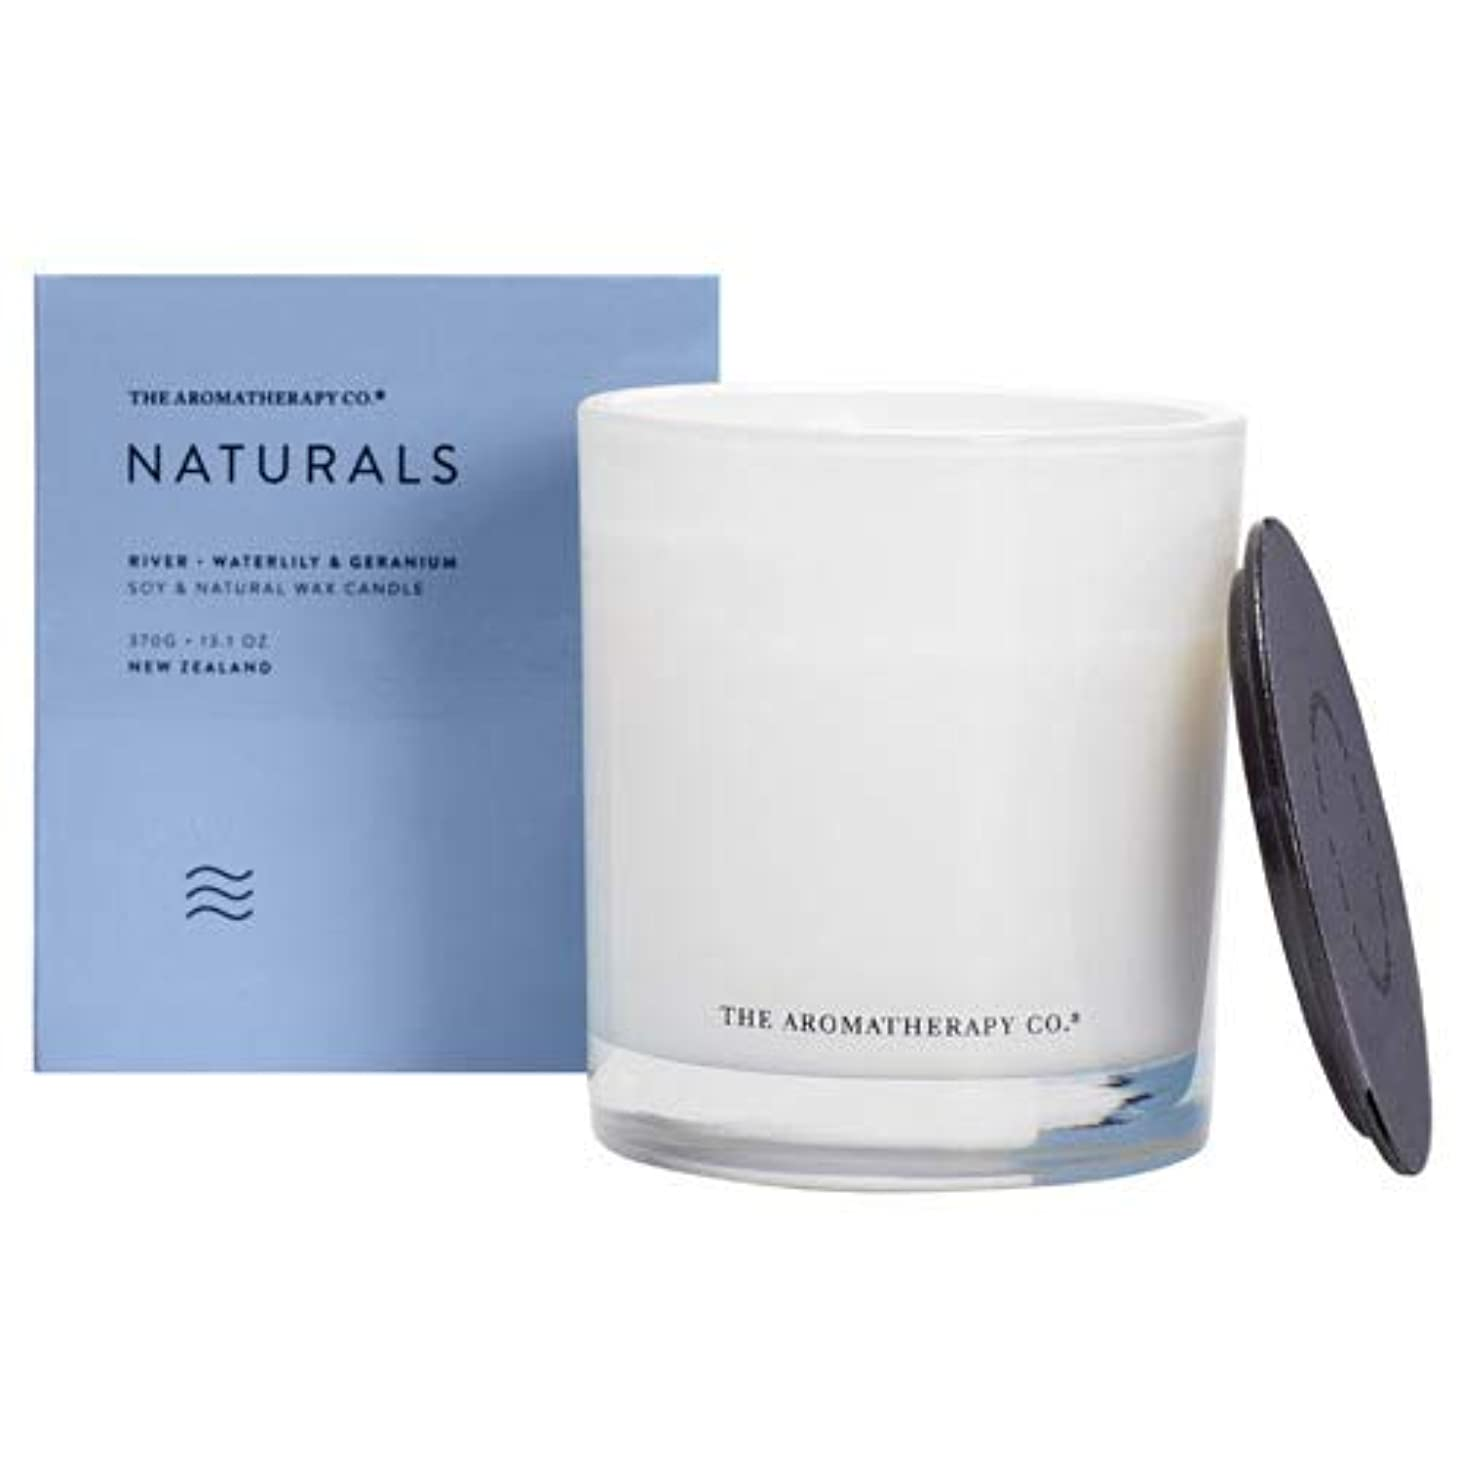 突破口全員ぎこちないnew NATURALS ナチュラルズ Candle キャンドル River リバー(川)Waterlily & Geranium ウォーターリリー&ゼラニウム